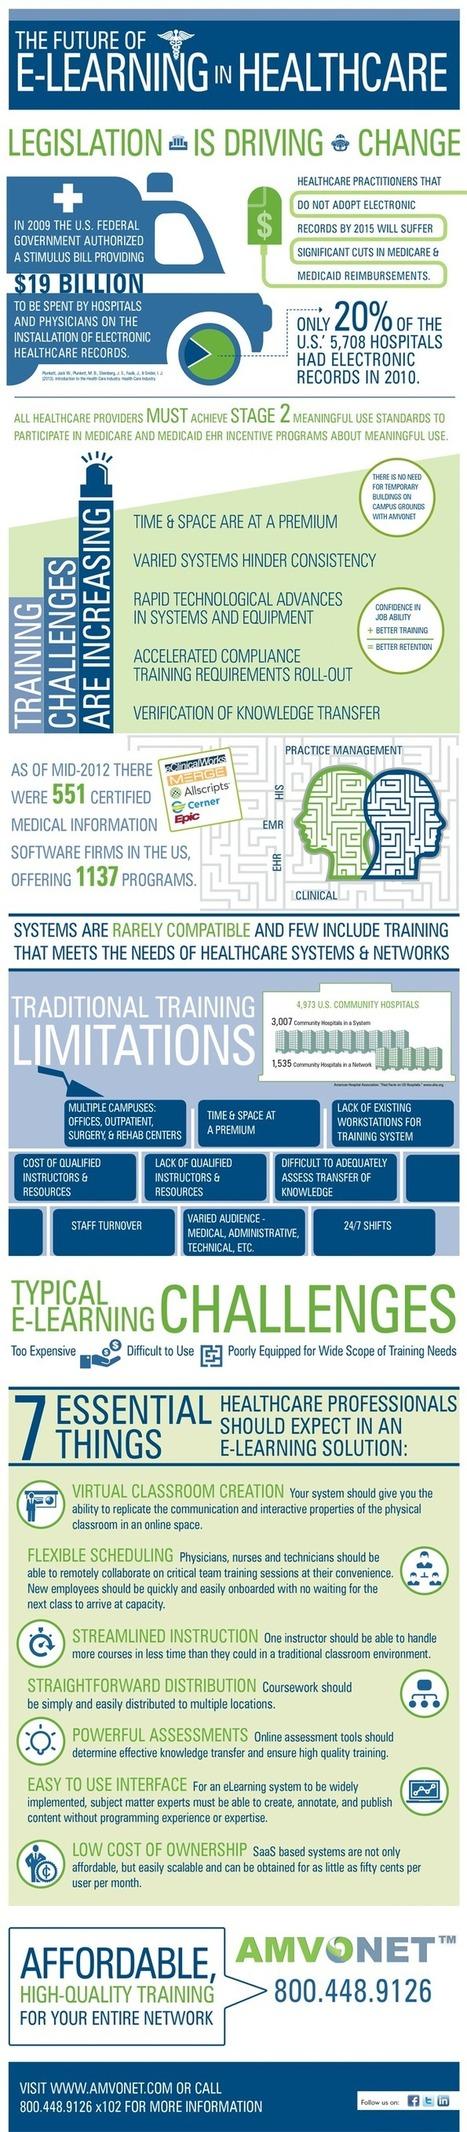 Estupenda infografía: El futuro del e-learning en la salud | HIT | eSalud Social Media | Scoop.it